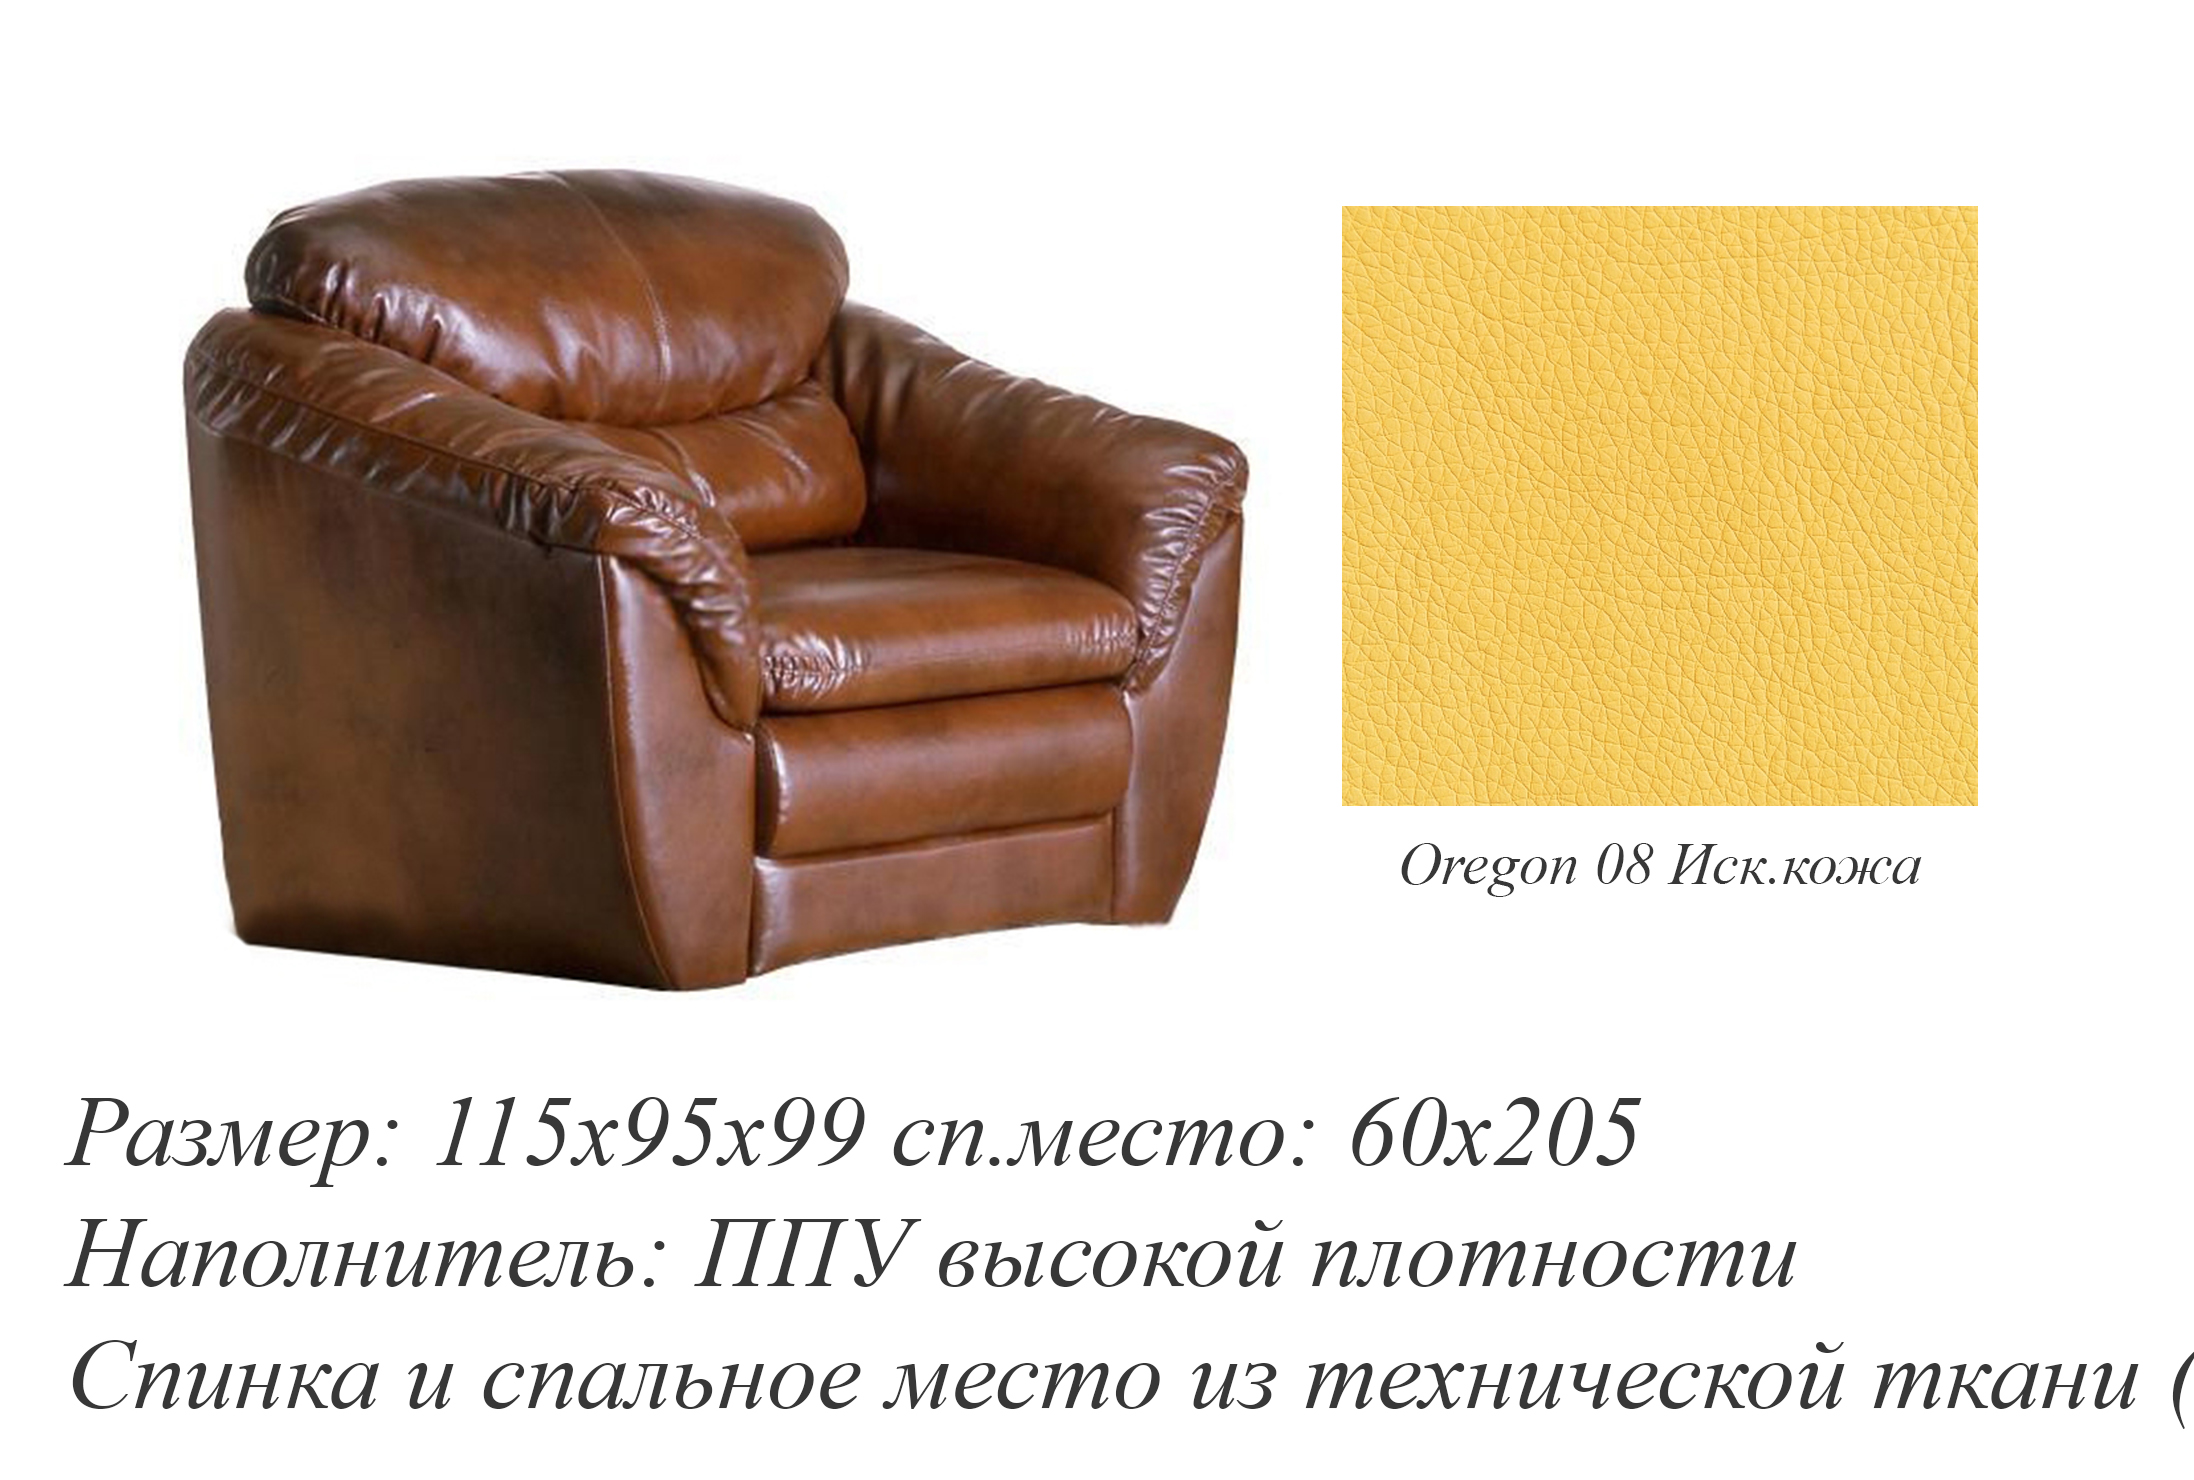 Кресло-кровать Диона-361 — Кресло-кровать Диона